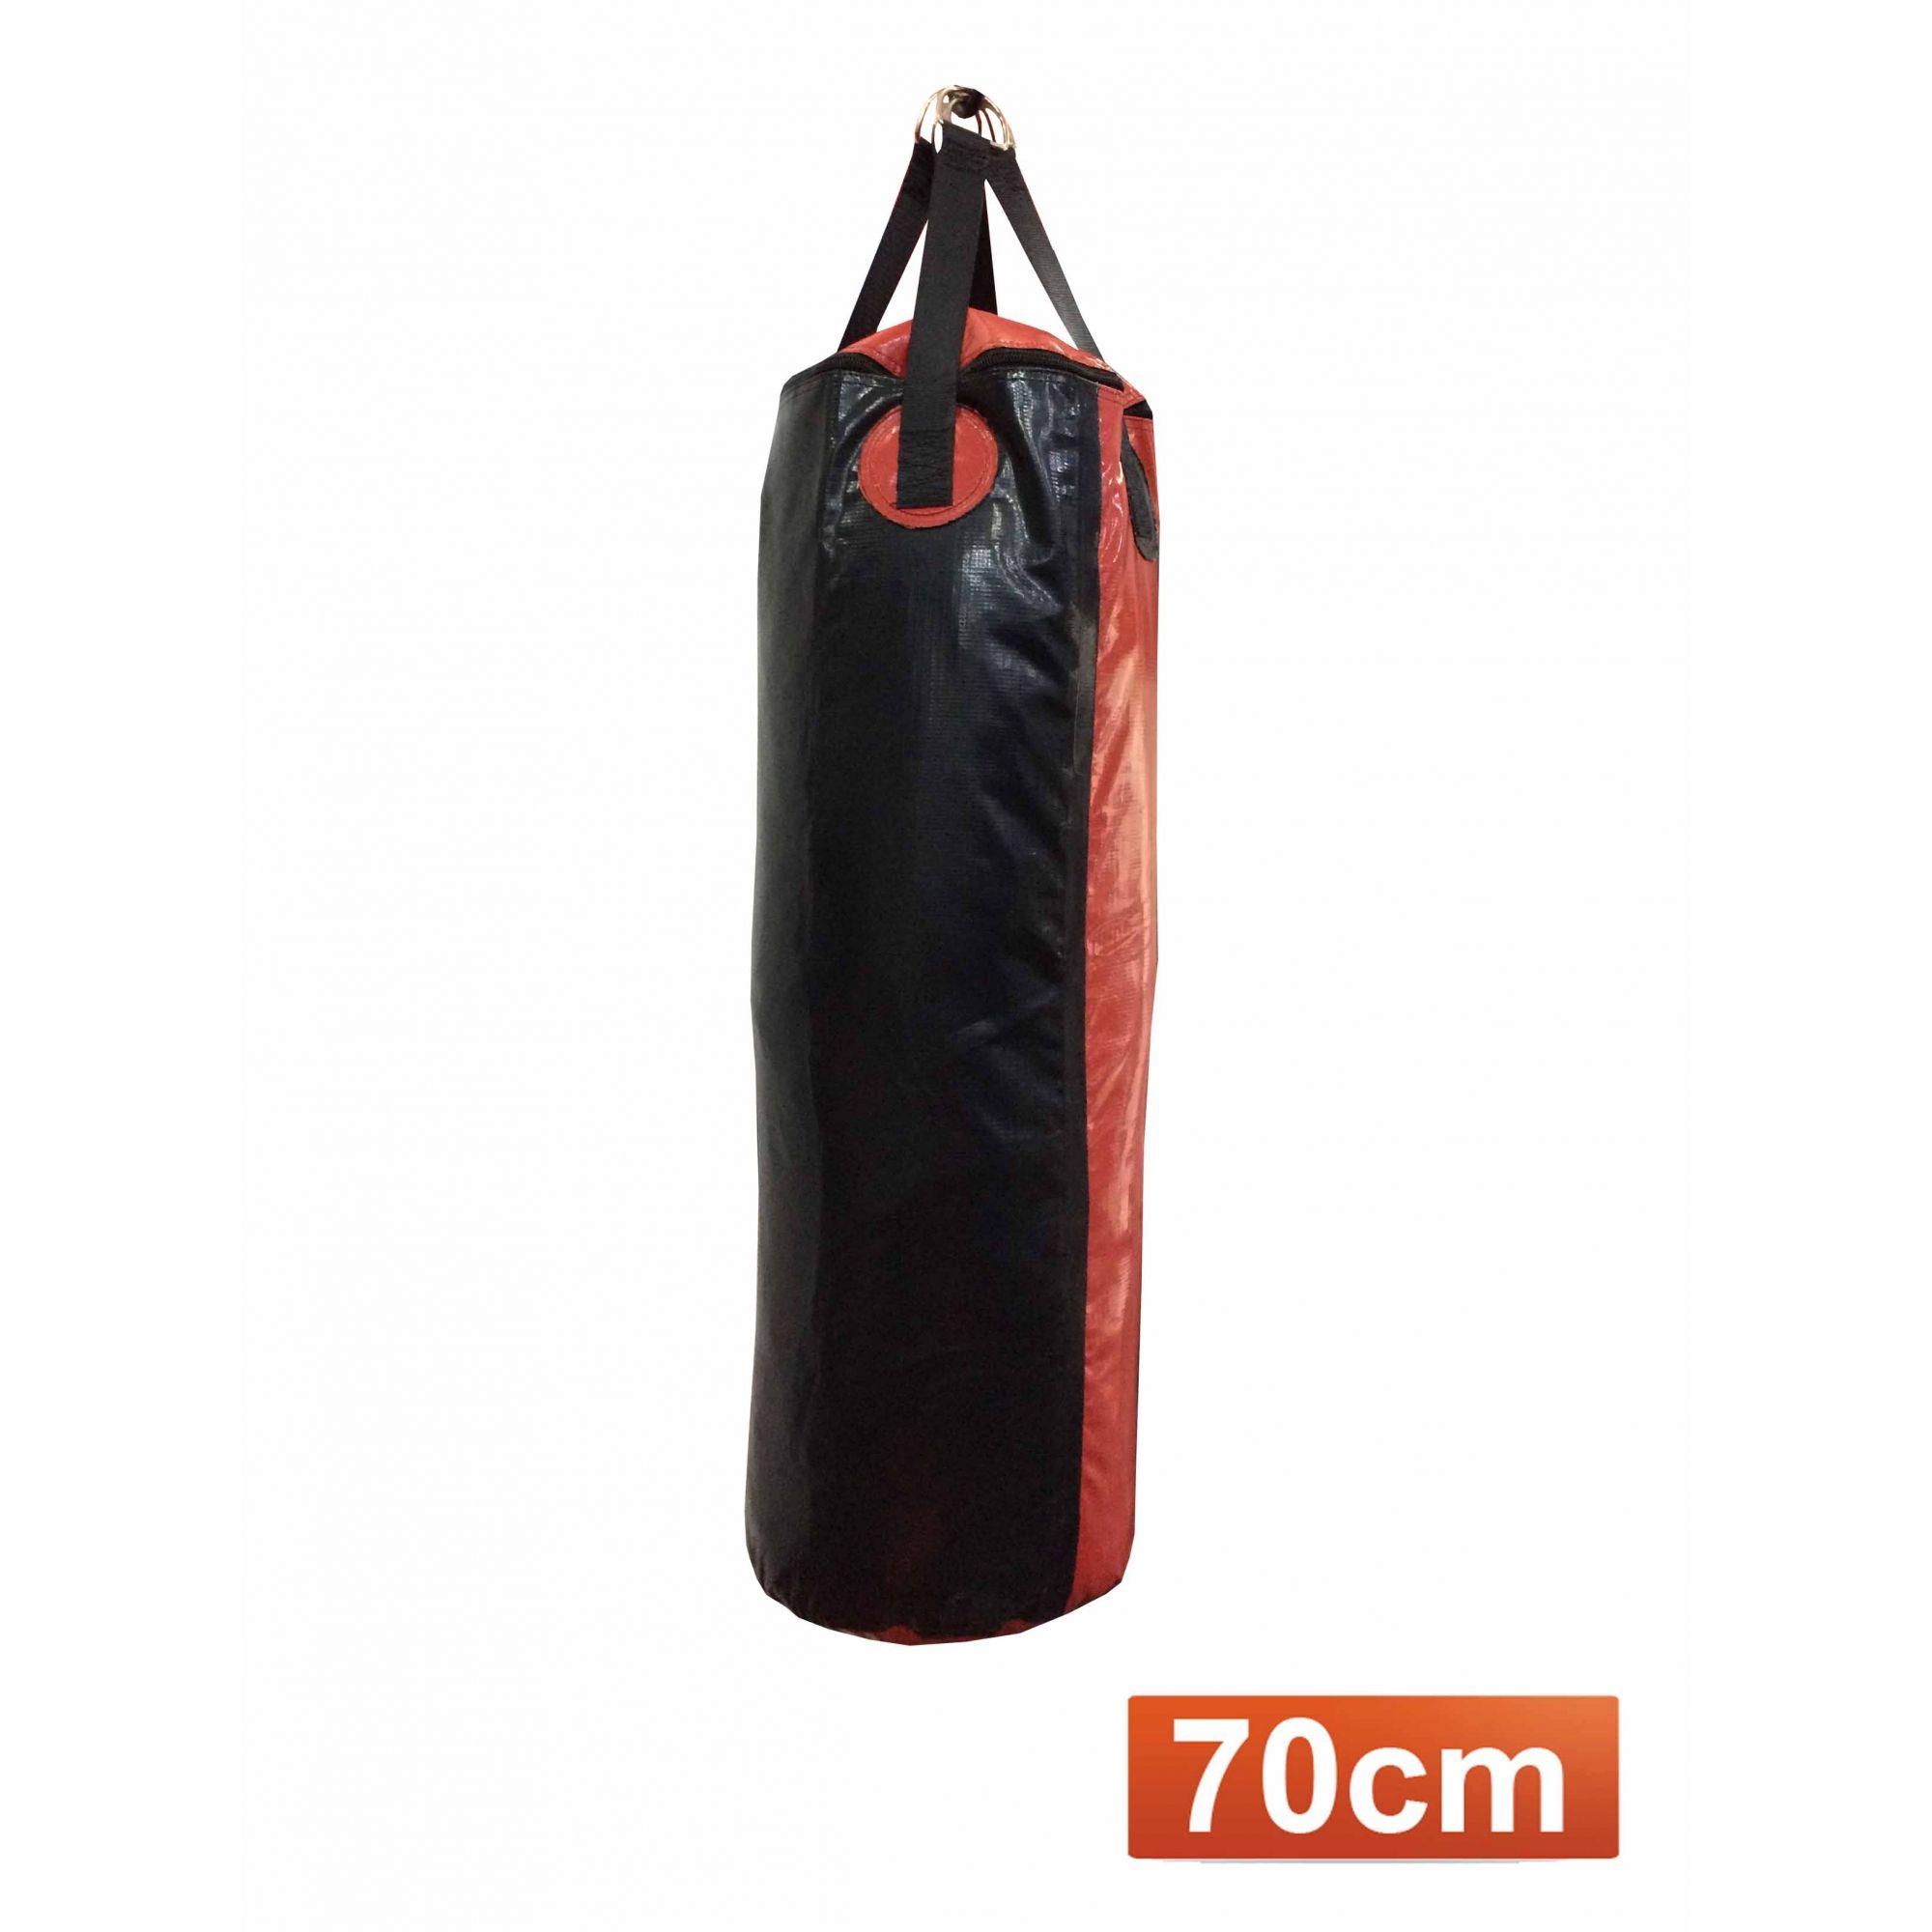 Saco de Pancadas - Lona Náutica - Cheio - 60 cm - UC  - Loja do Competidor